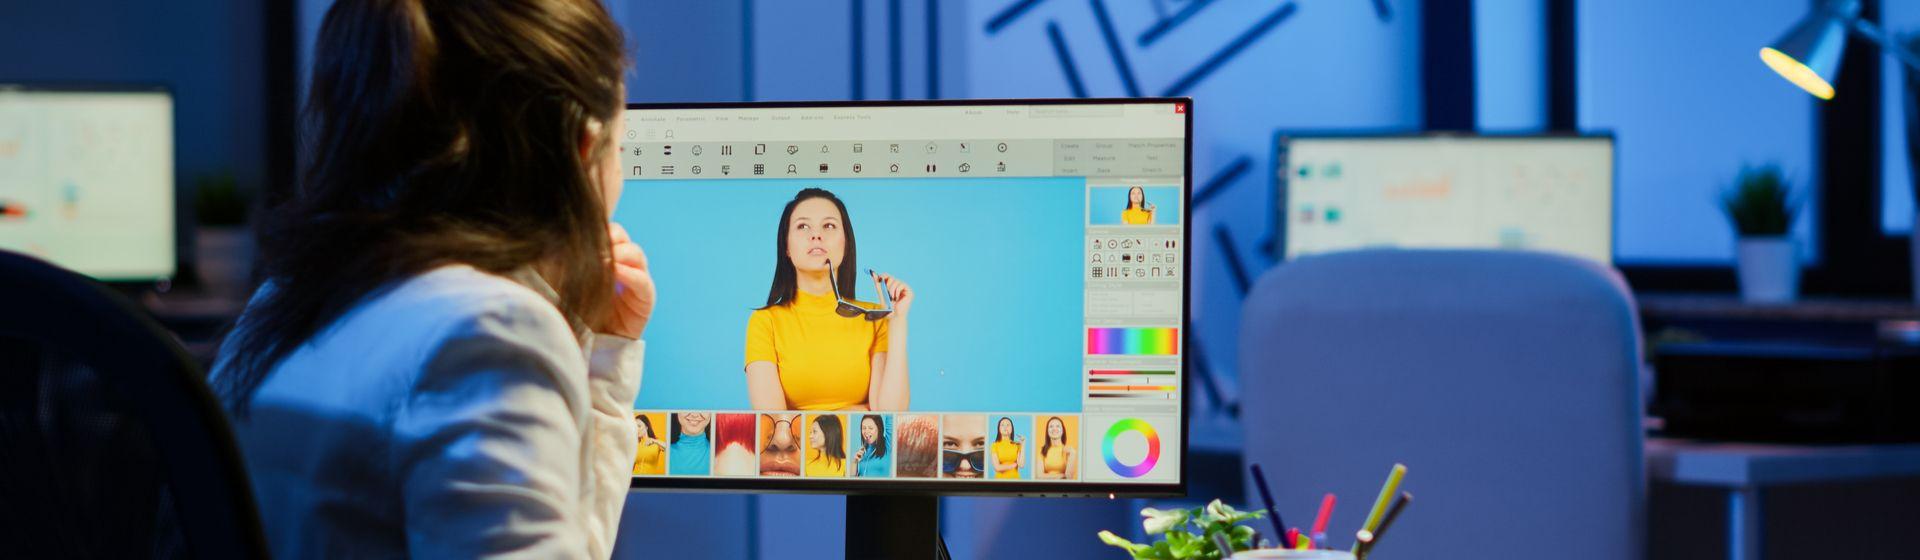 Como melhorar qualidade da foto? Veja apps, sites e programas bons